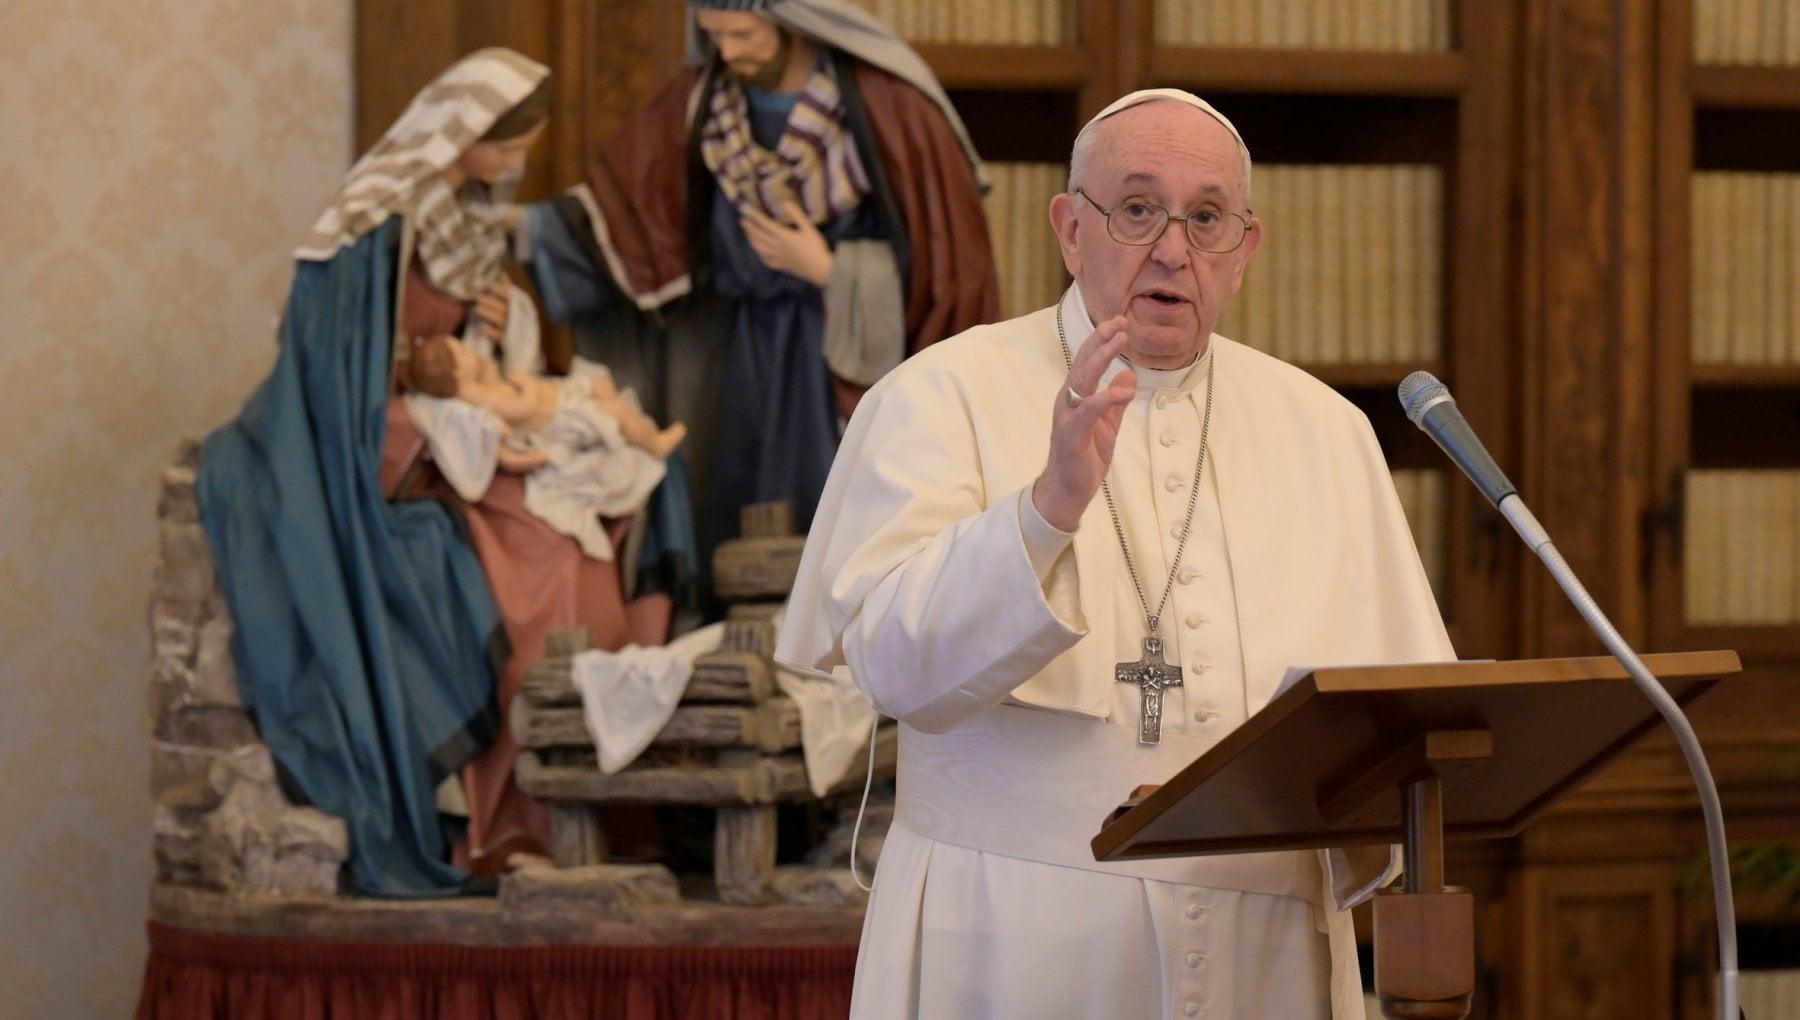 """130512025 89890fc7 5b47 4580 8169 24756525d9e8 - Il Papa: """"Mi addolora chi va in vacanza per sfuggire al lockdown"""""""